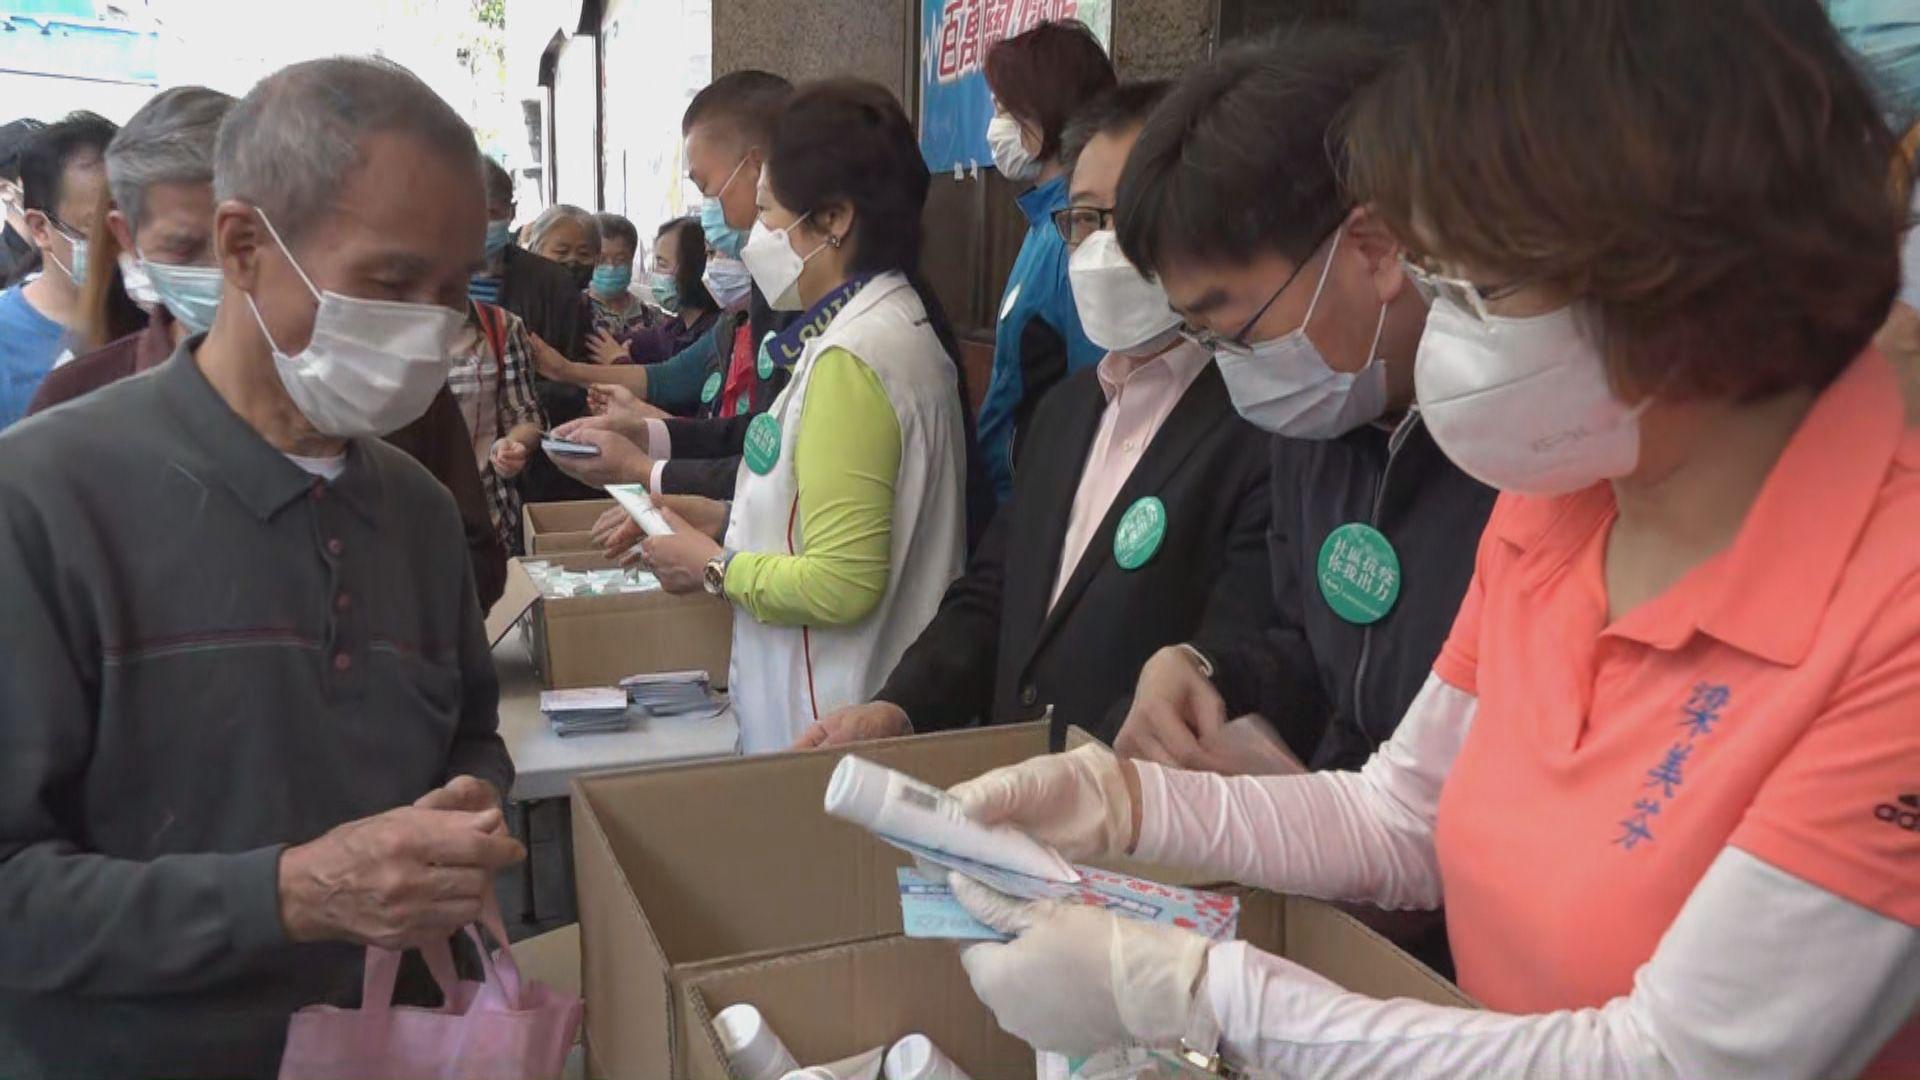 有團體向長者和市民派發防疫物資